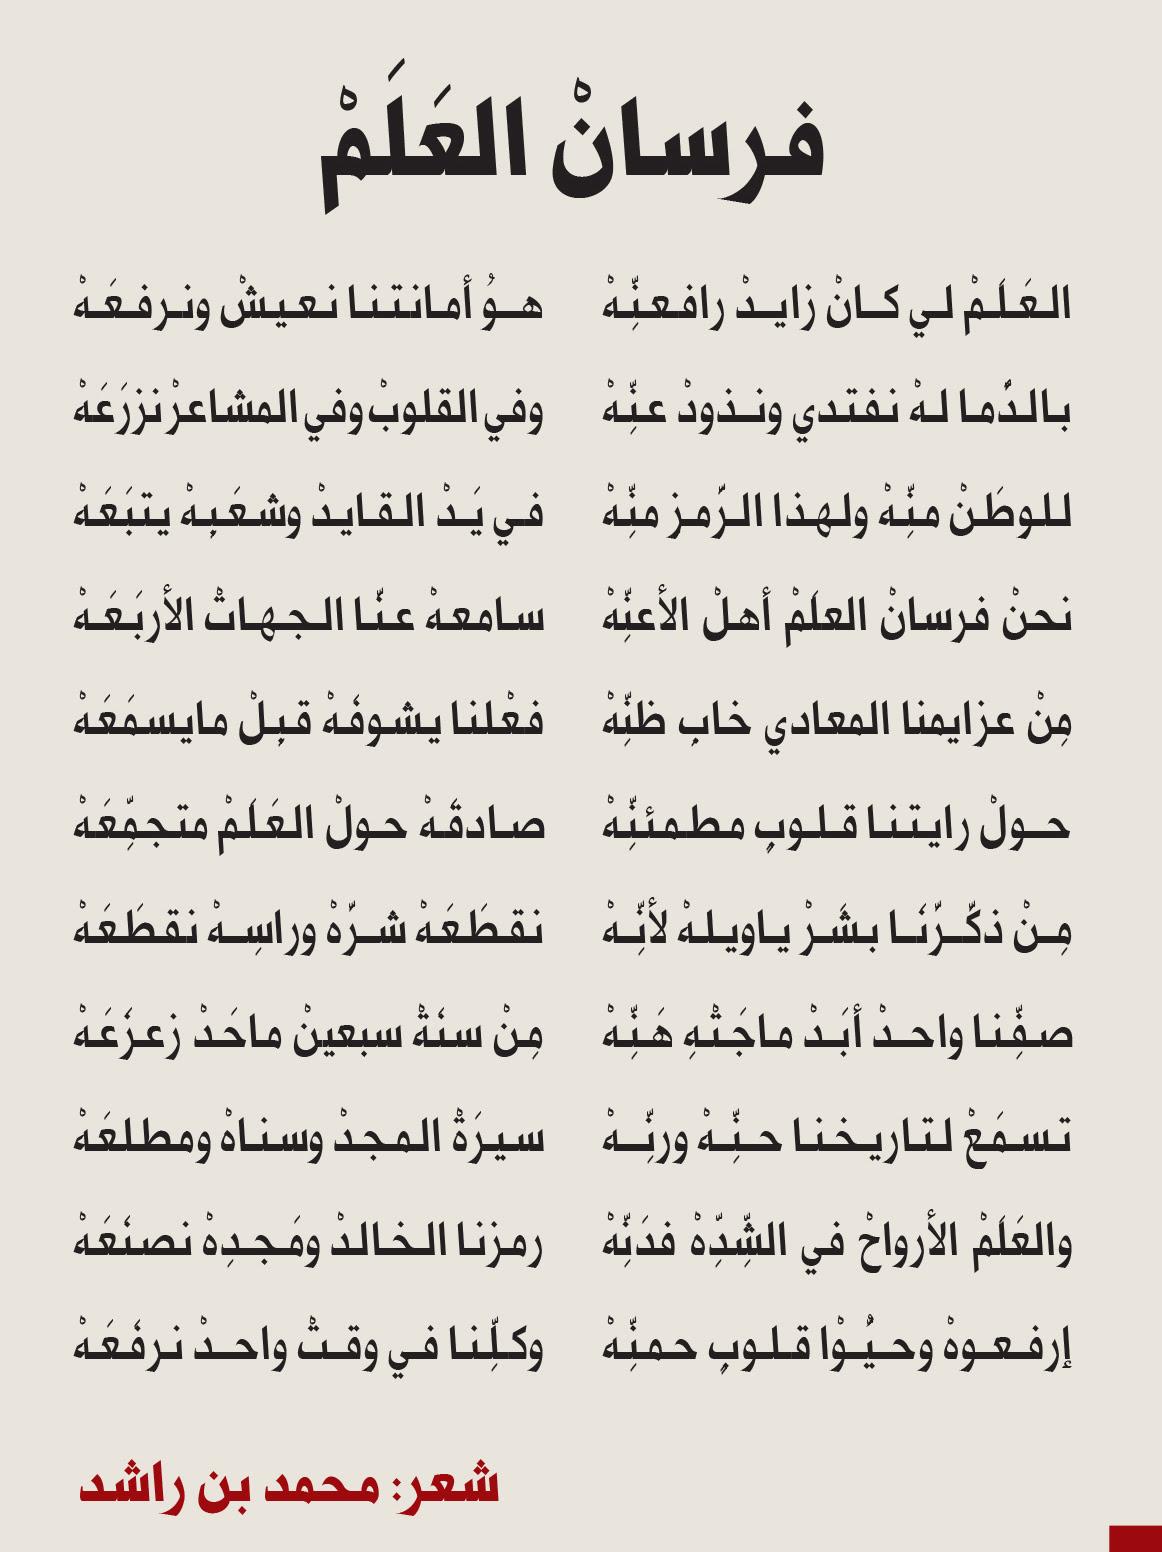 شعر عن الوطن الكويت فصحى Shaer Blog